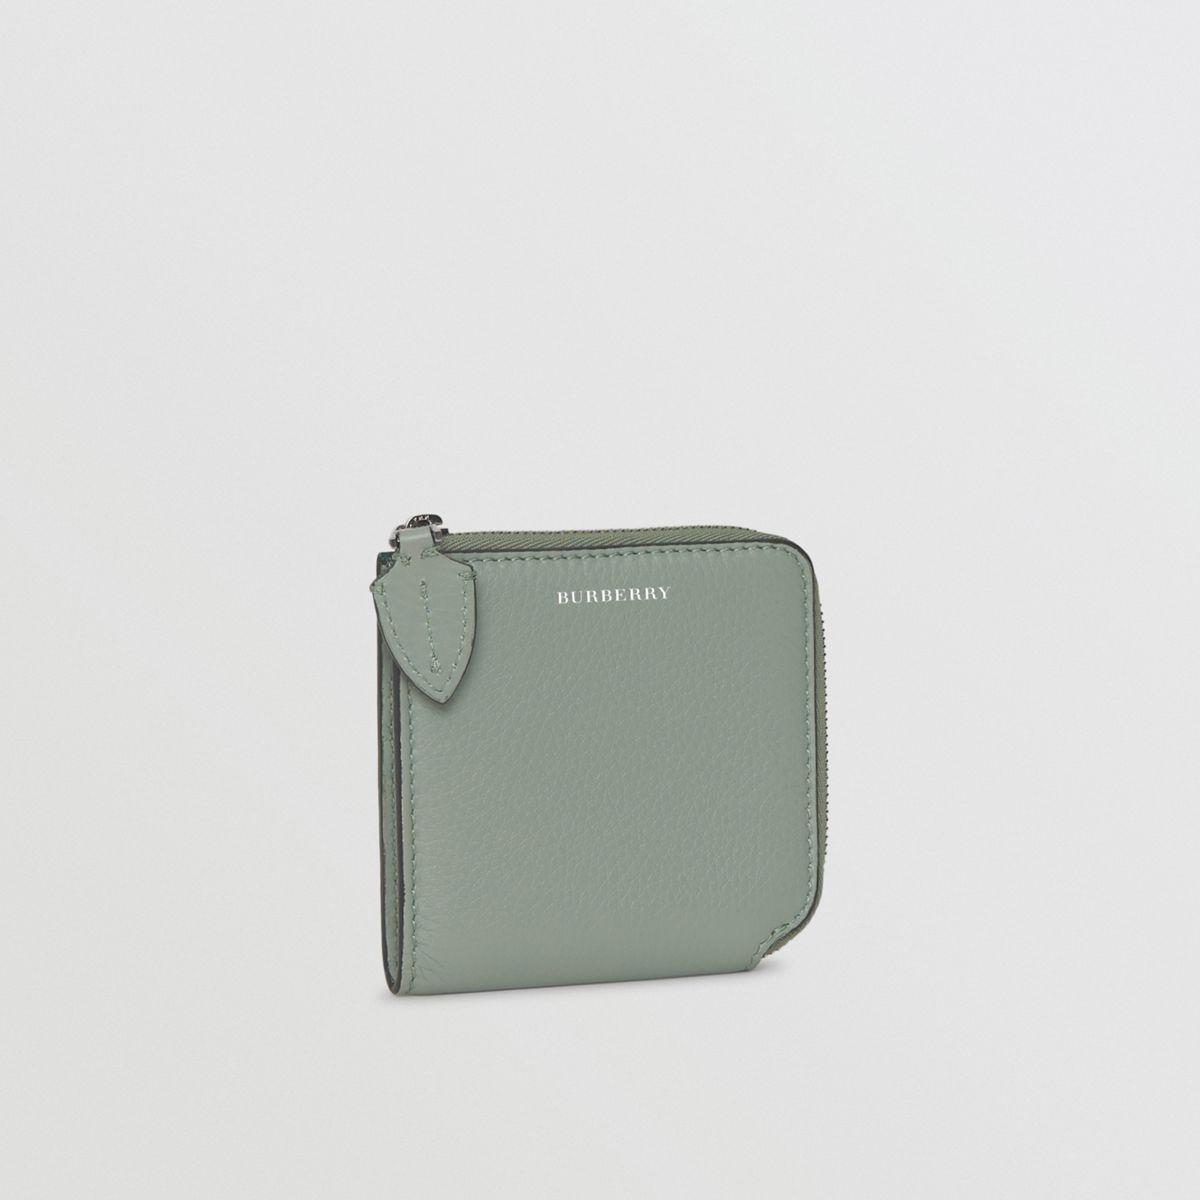 d97832dd27459 Burberry Quadratische Brieftasche aus genarbtem Leder mit ...